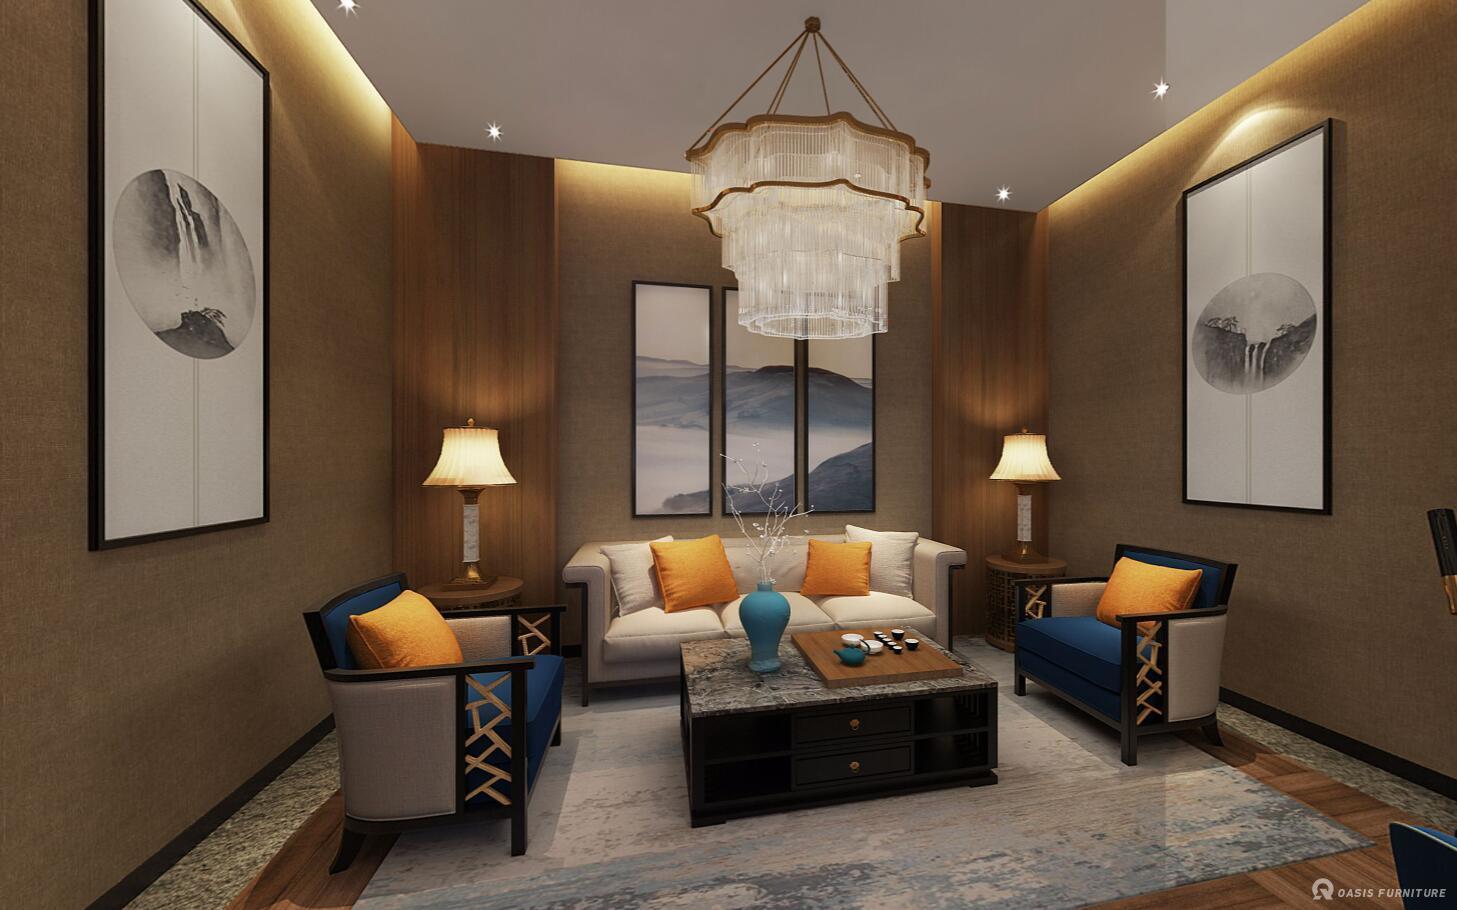 五星级酒店选择家具定制需要注意特点